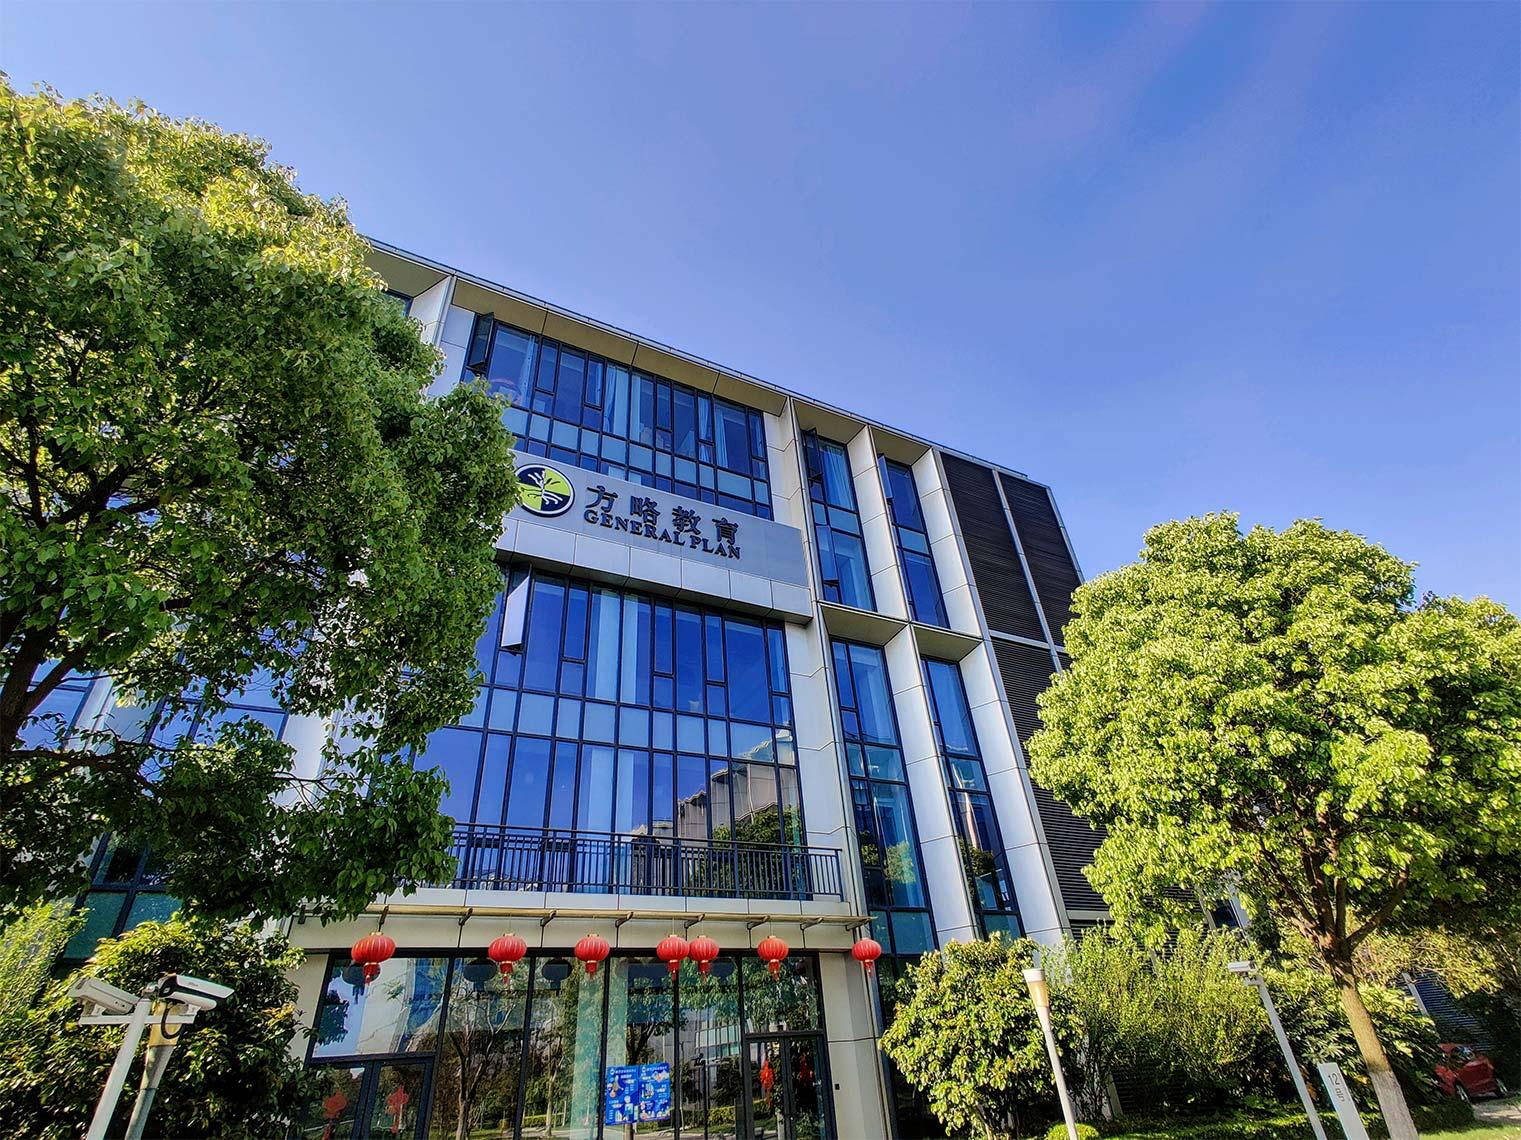 gp zhicheng office blue sky3.min  - 建未来学校·迎未来教育 ——学校高品质发展高峰论坛邀请函